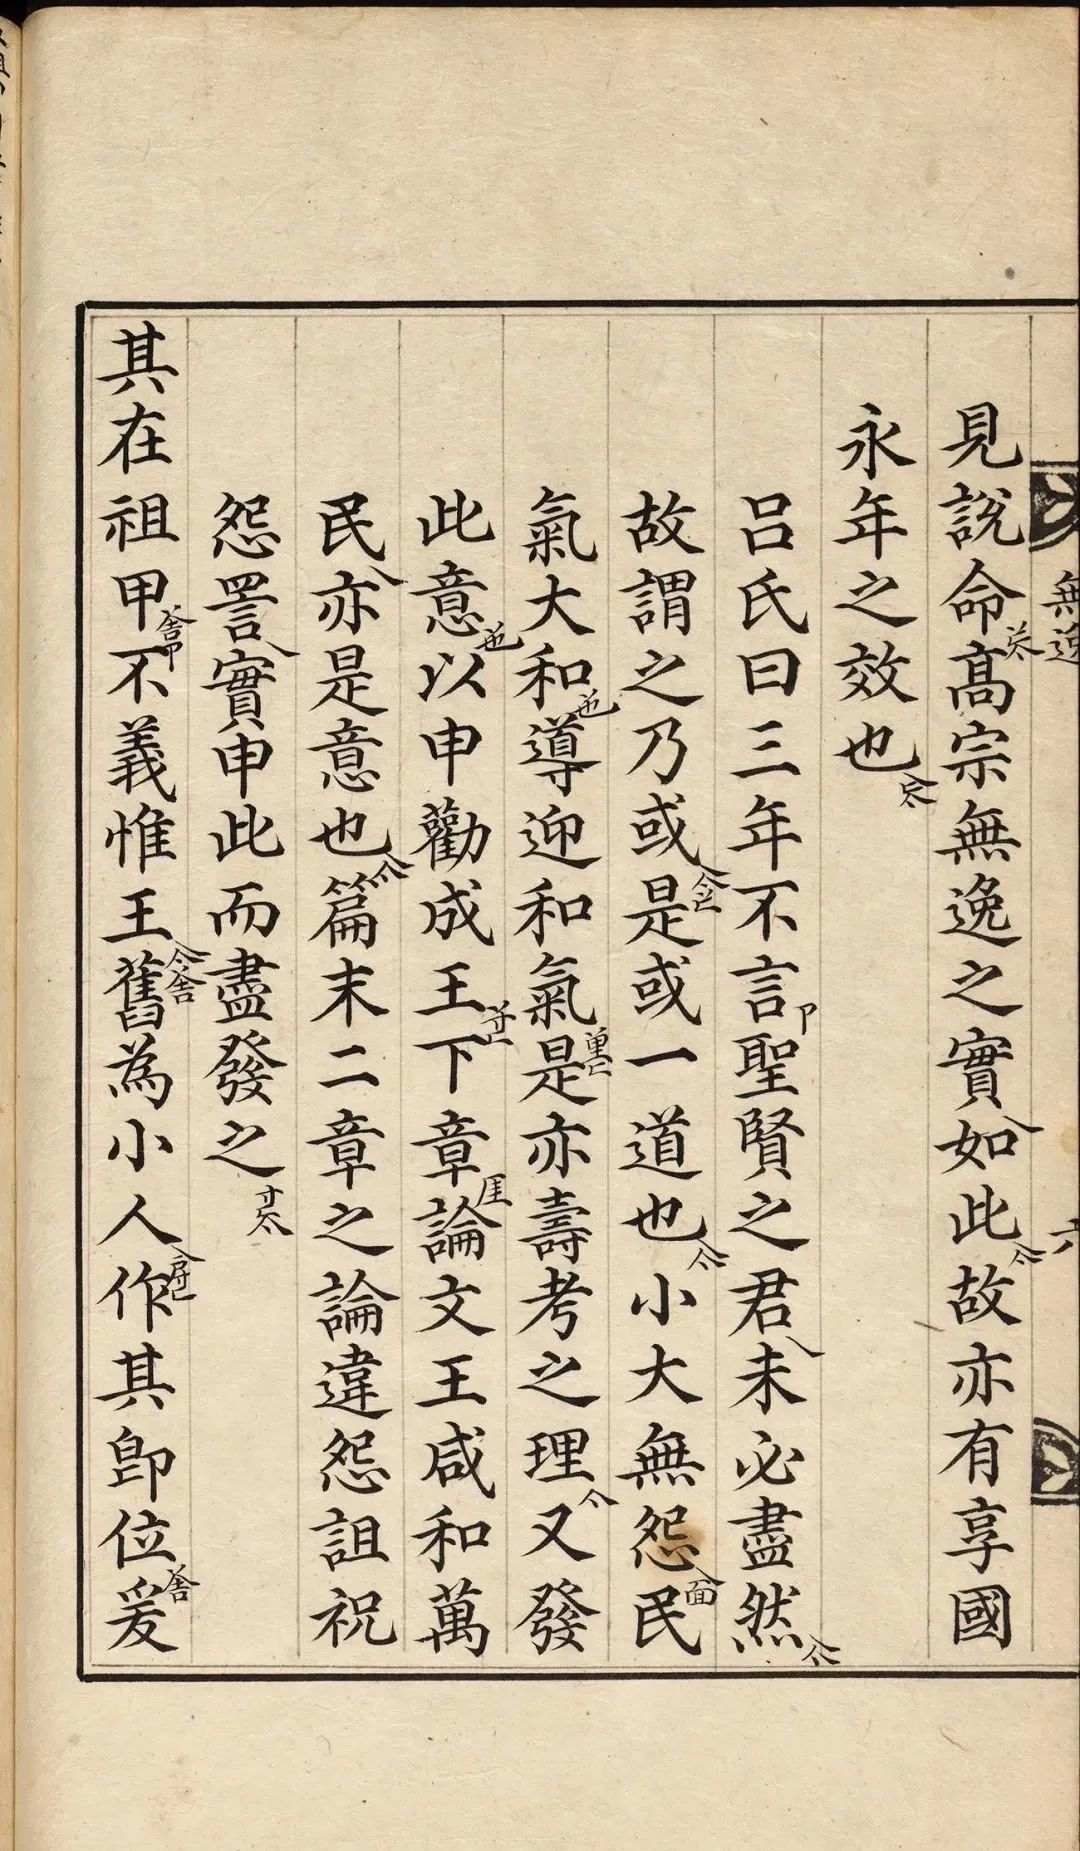 朝鲜小楷精写本《无逸》